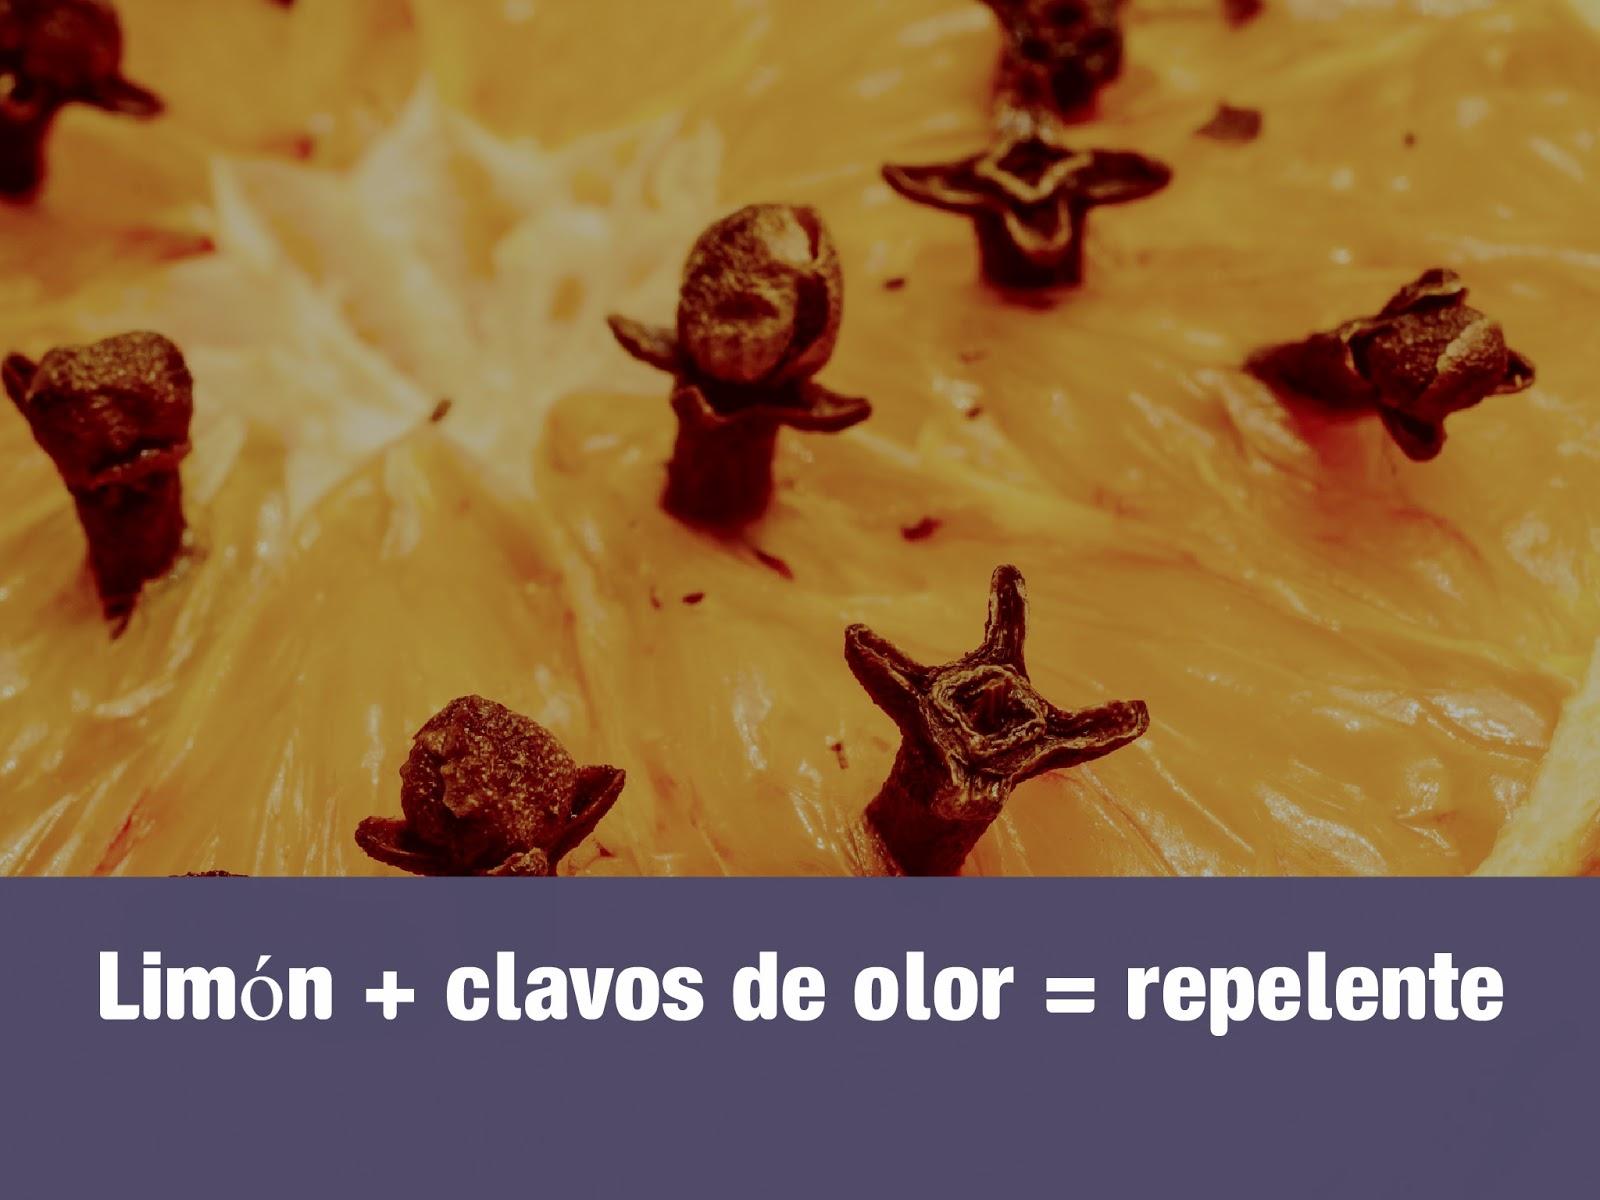 limon-clavos-de-olor-repelente